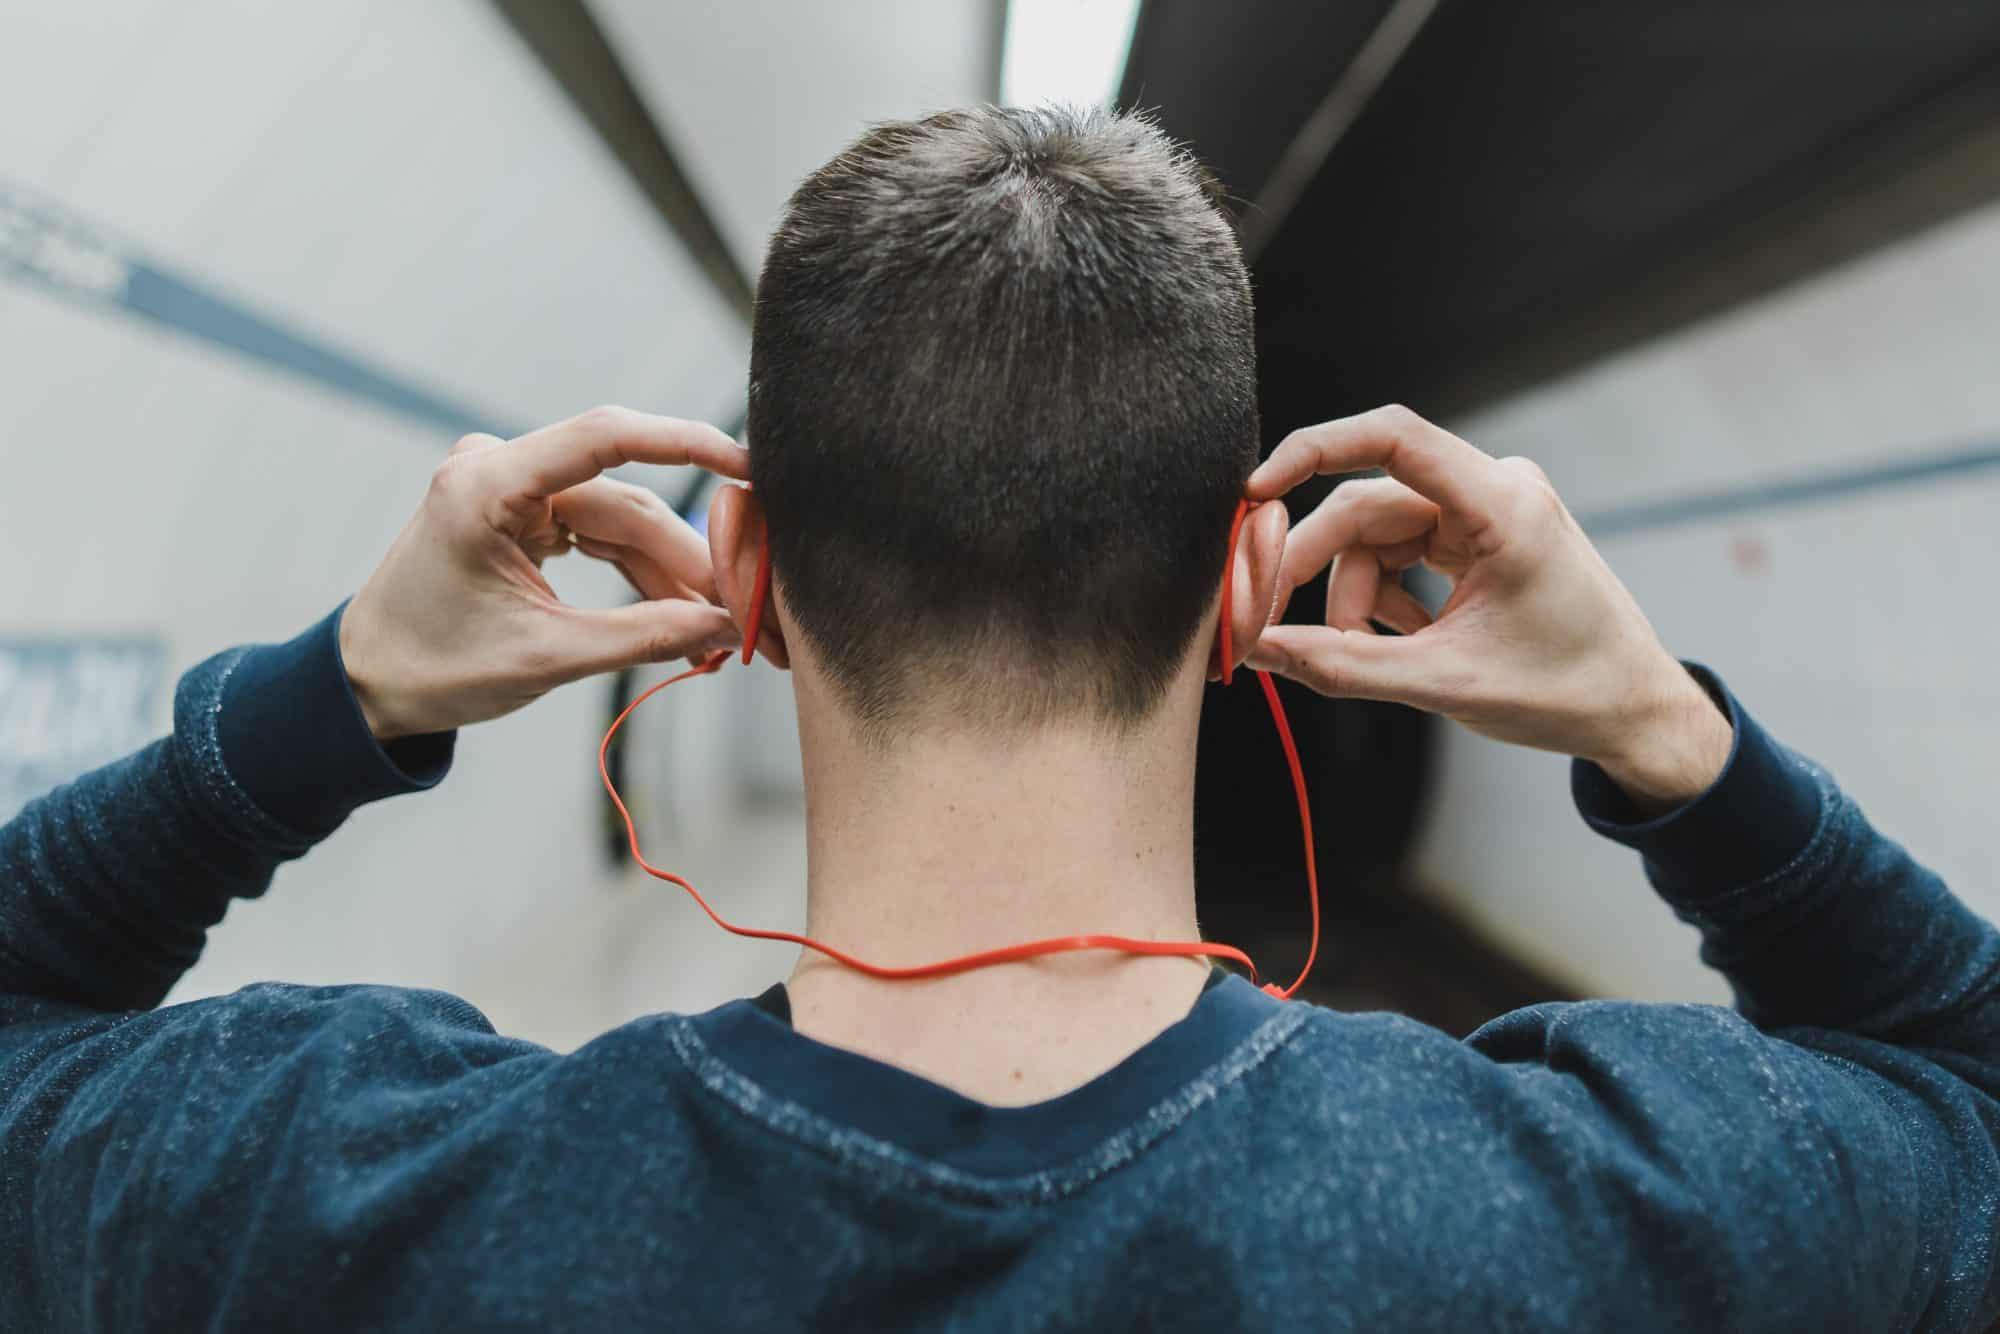 藍牙耳機故障 音訊問題